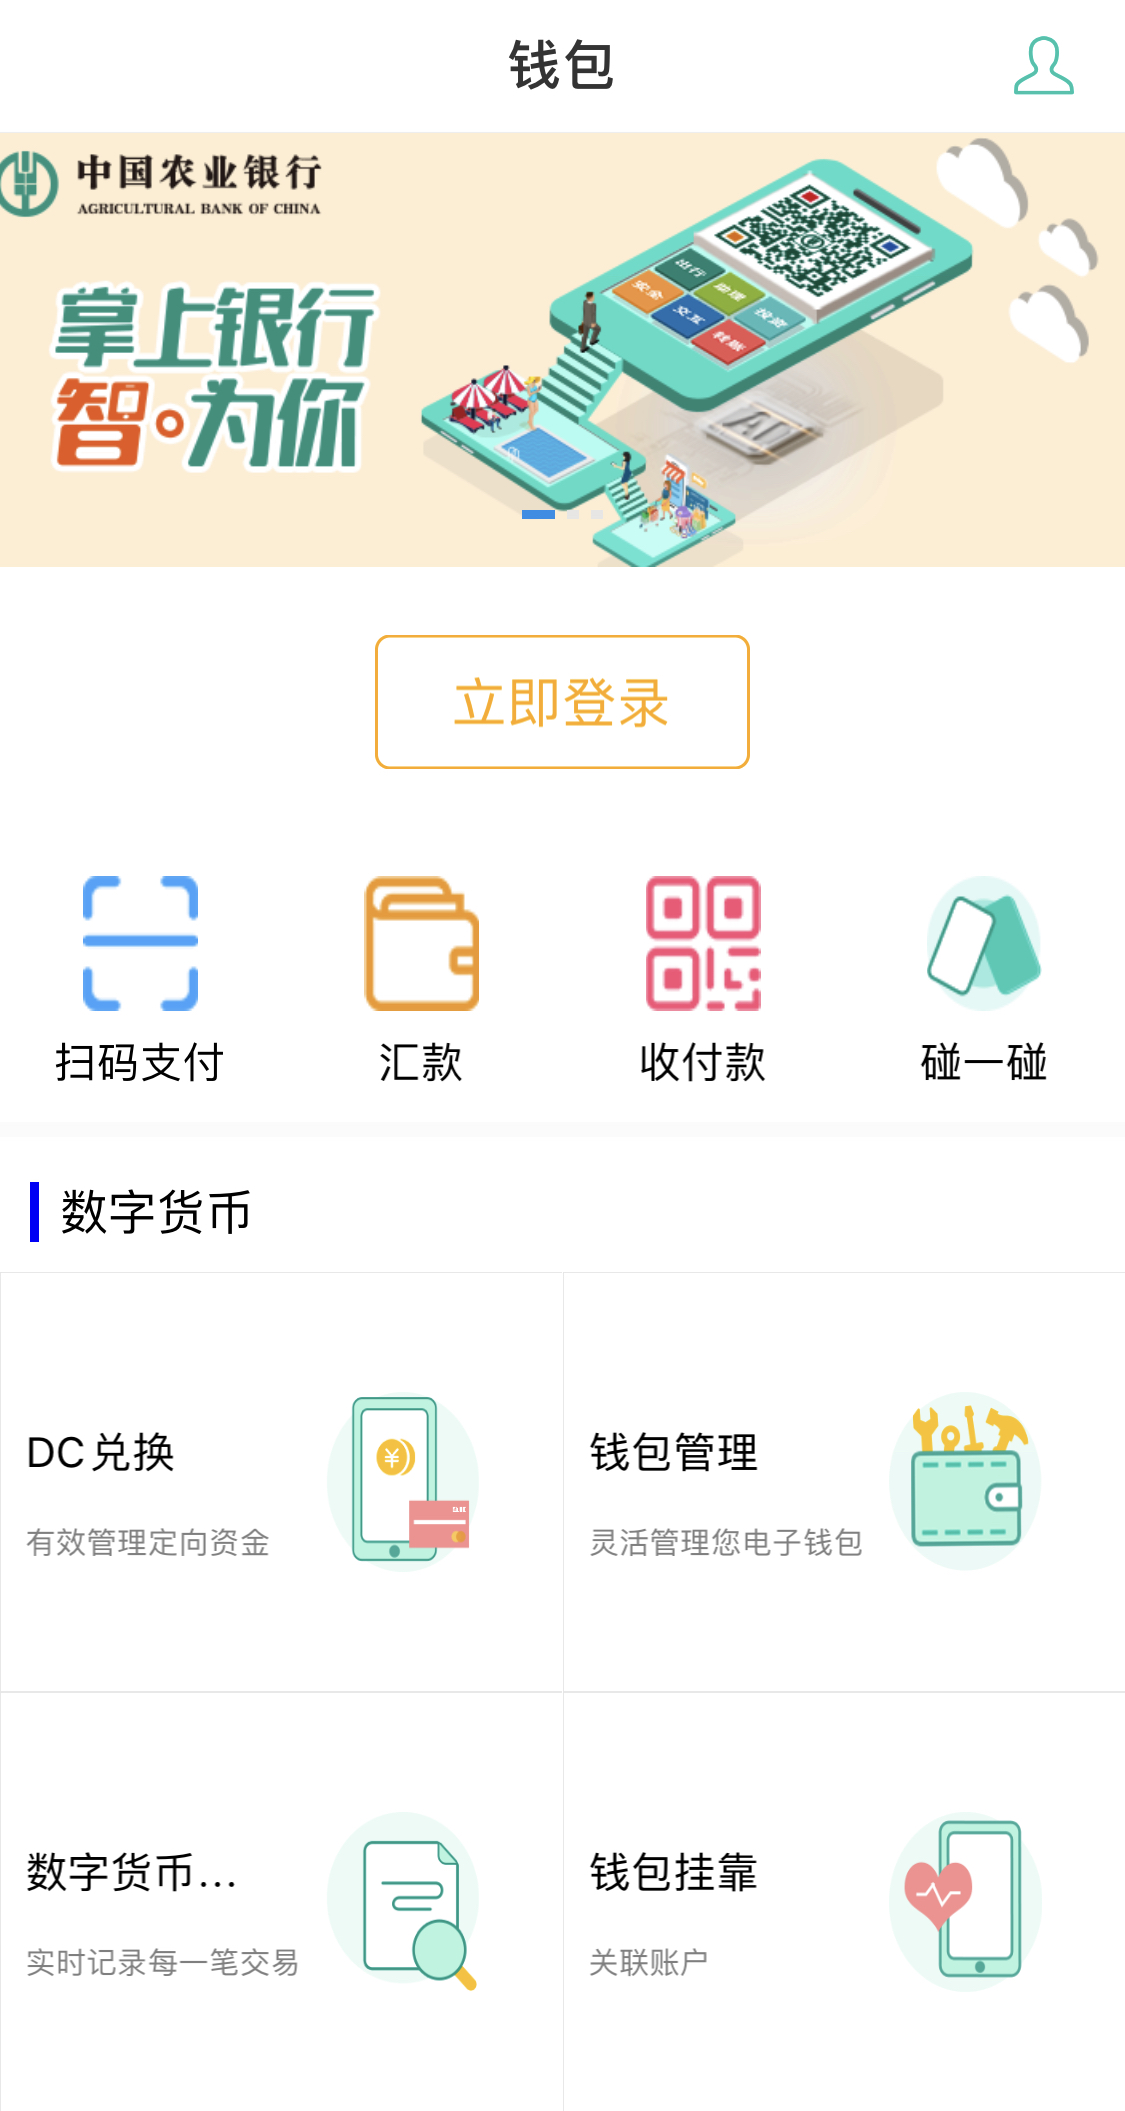 Китай представил приложение для тестирования национальной криптовалюты